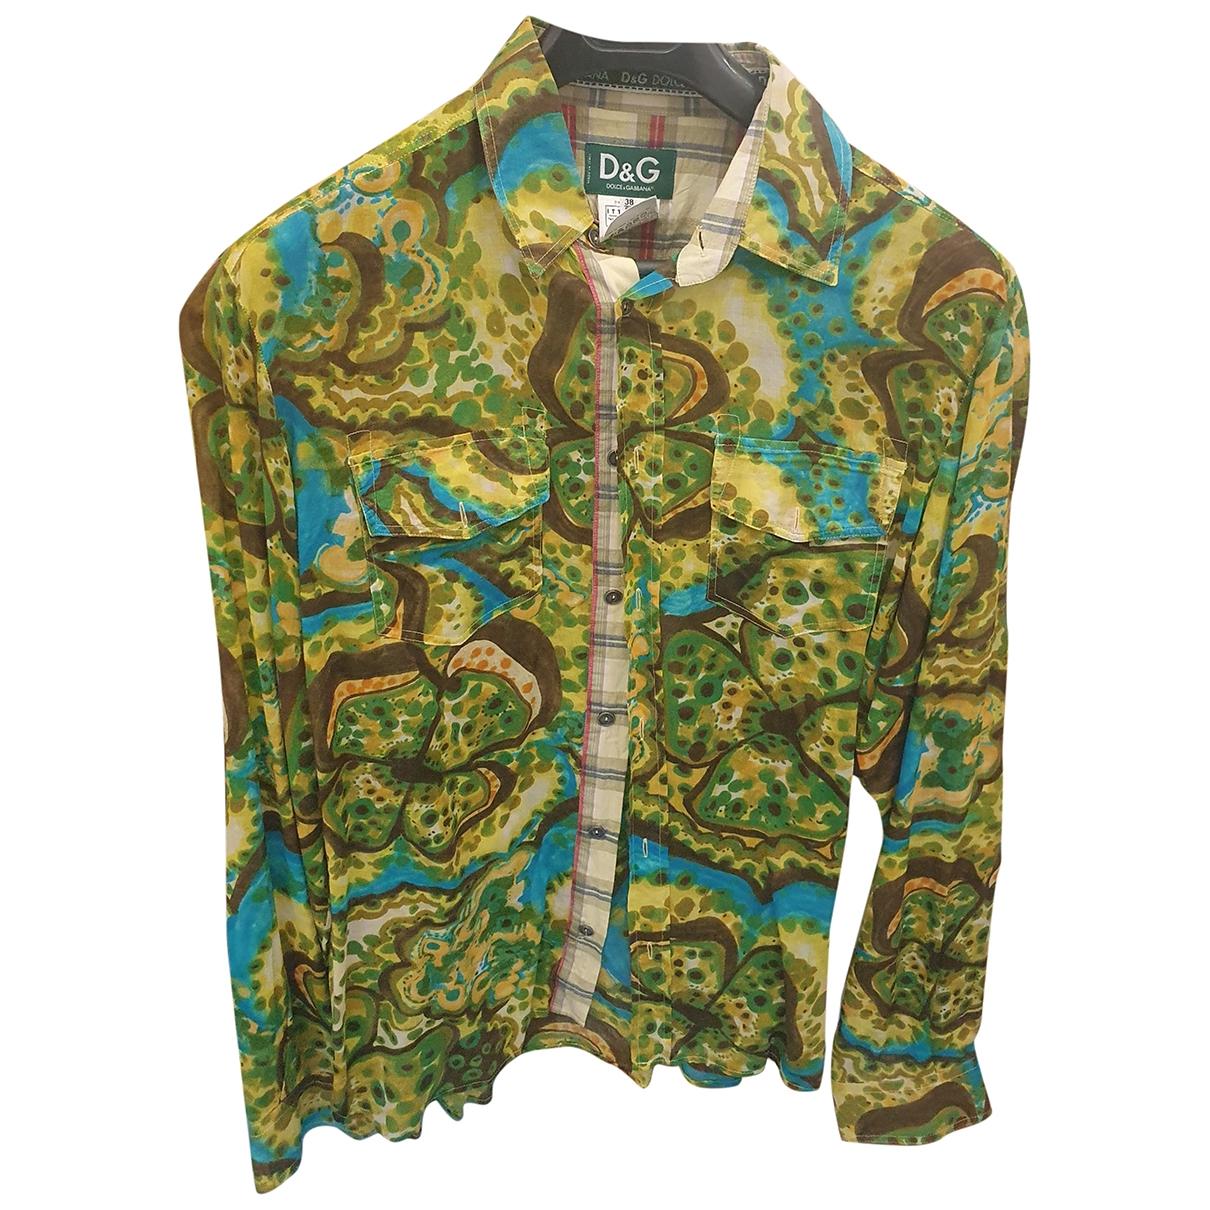 D&g - Chemises   pour homme en coton